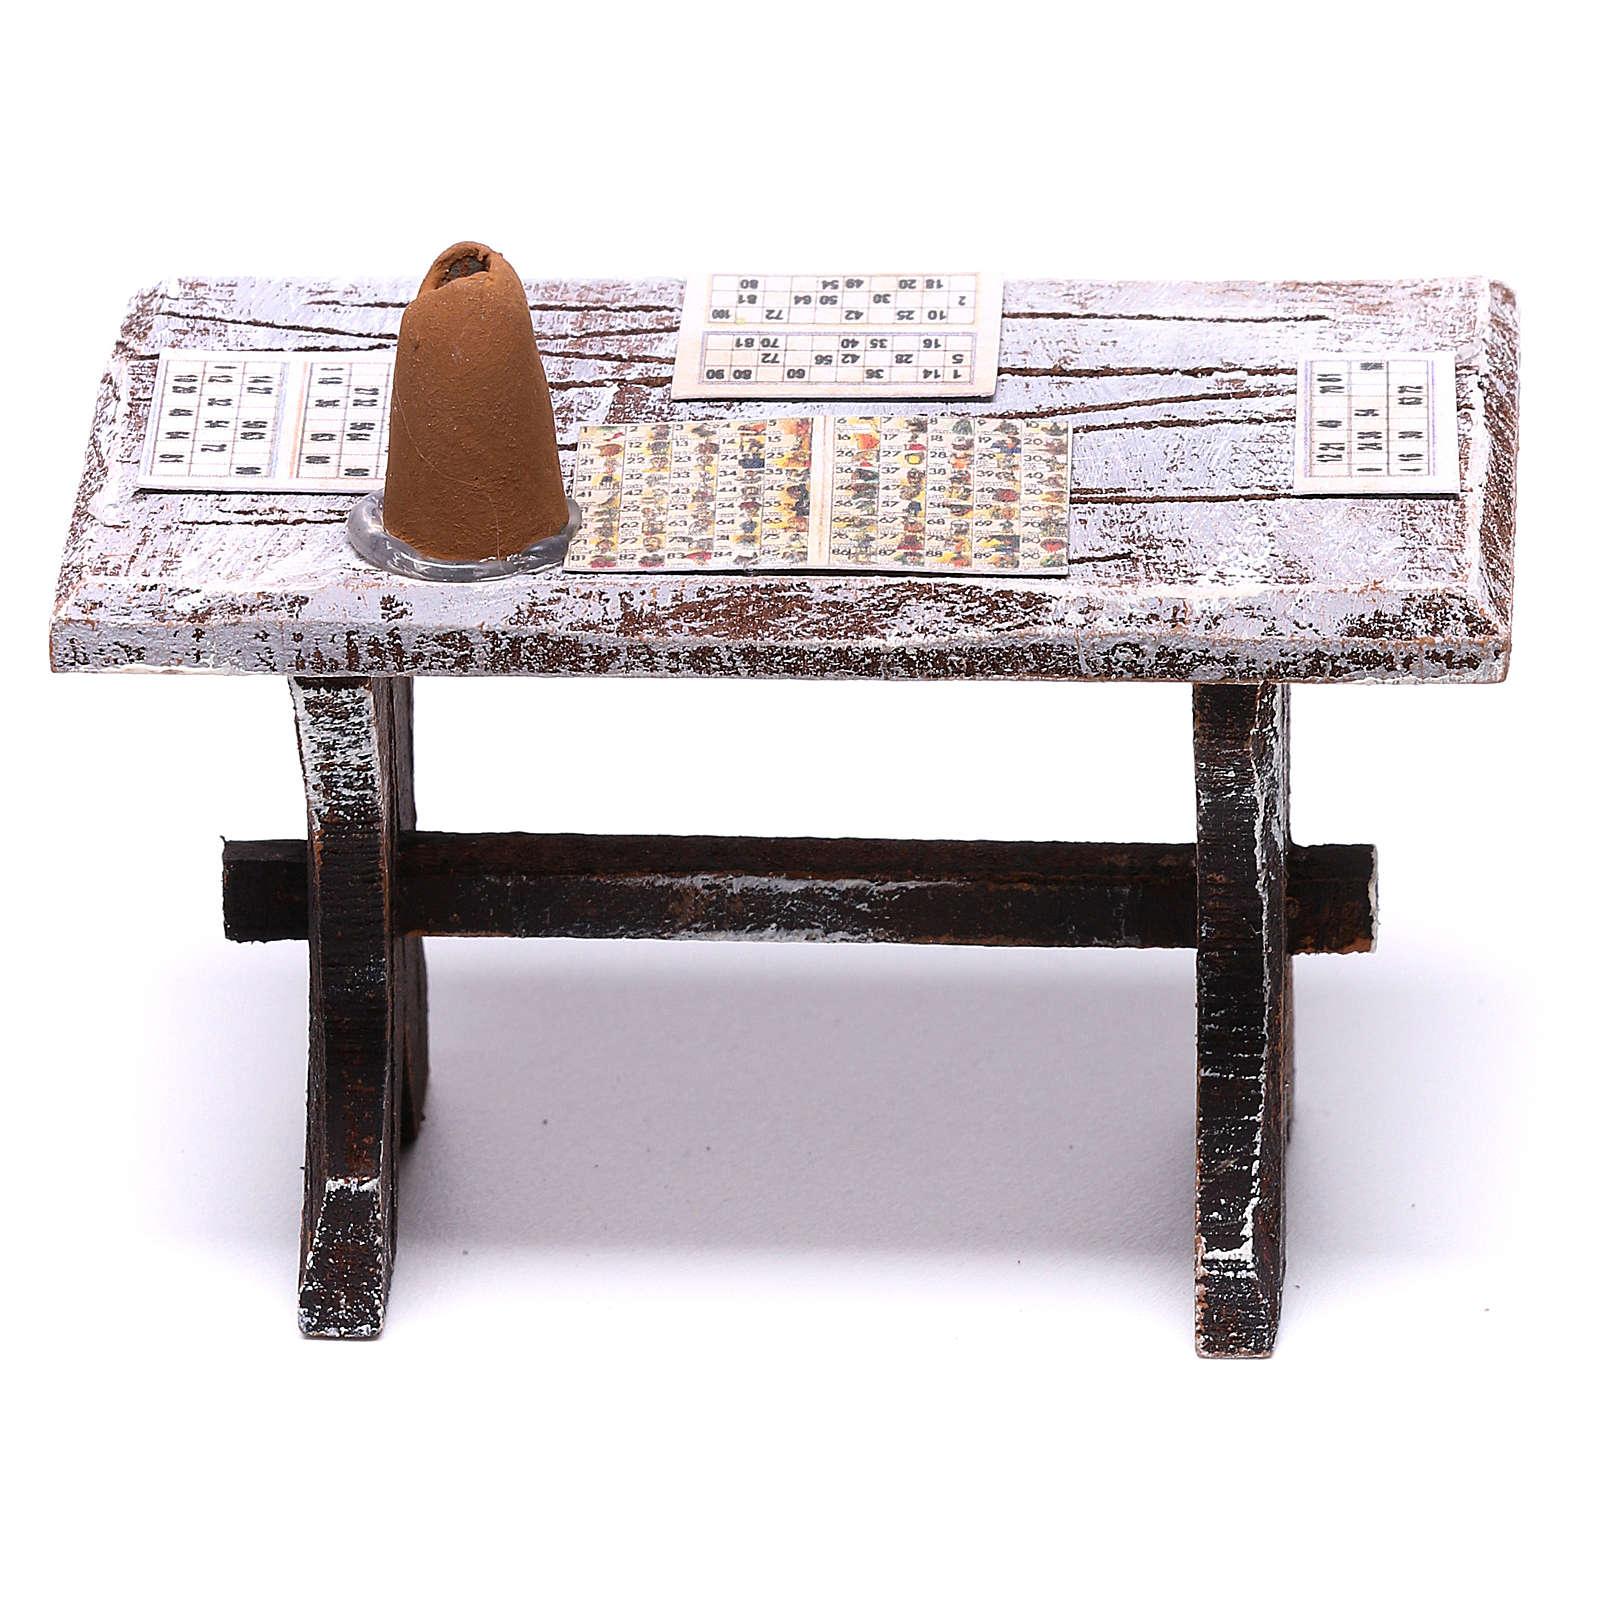 Table tombola et tabourets 5x5x5 cm pour crèche de 10 cm 4